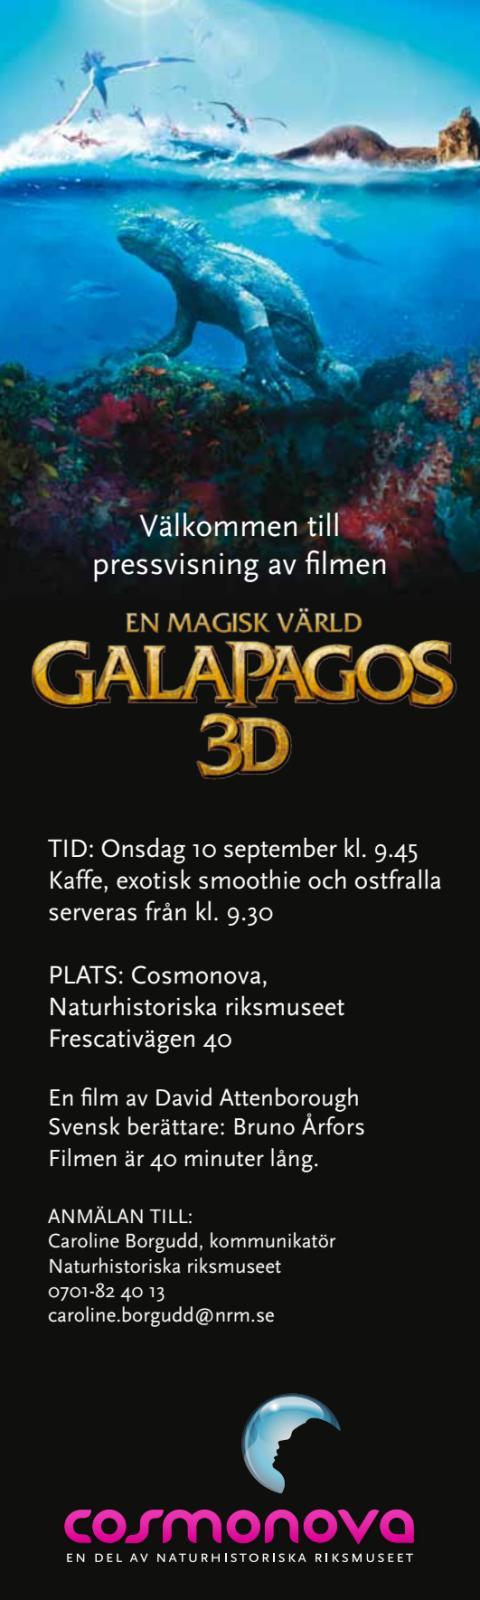 Inbjudan pressvisning Galapagos 3D på Cosmonova